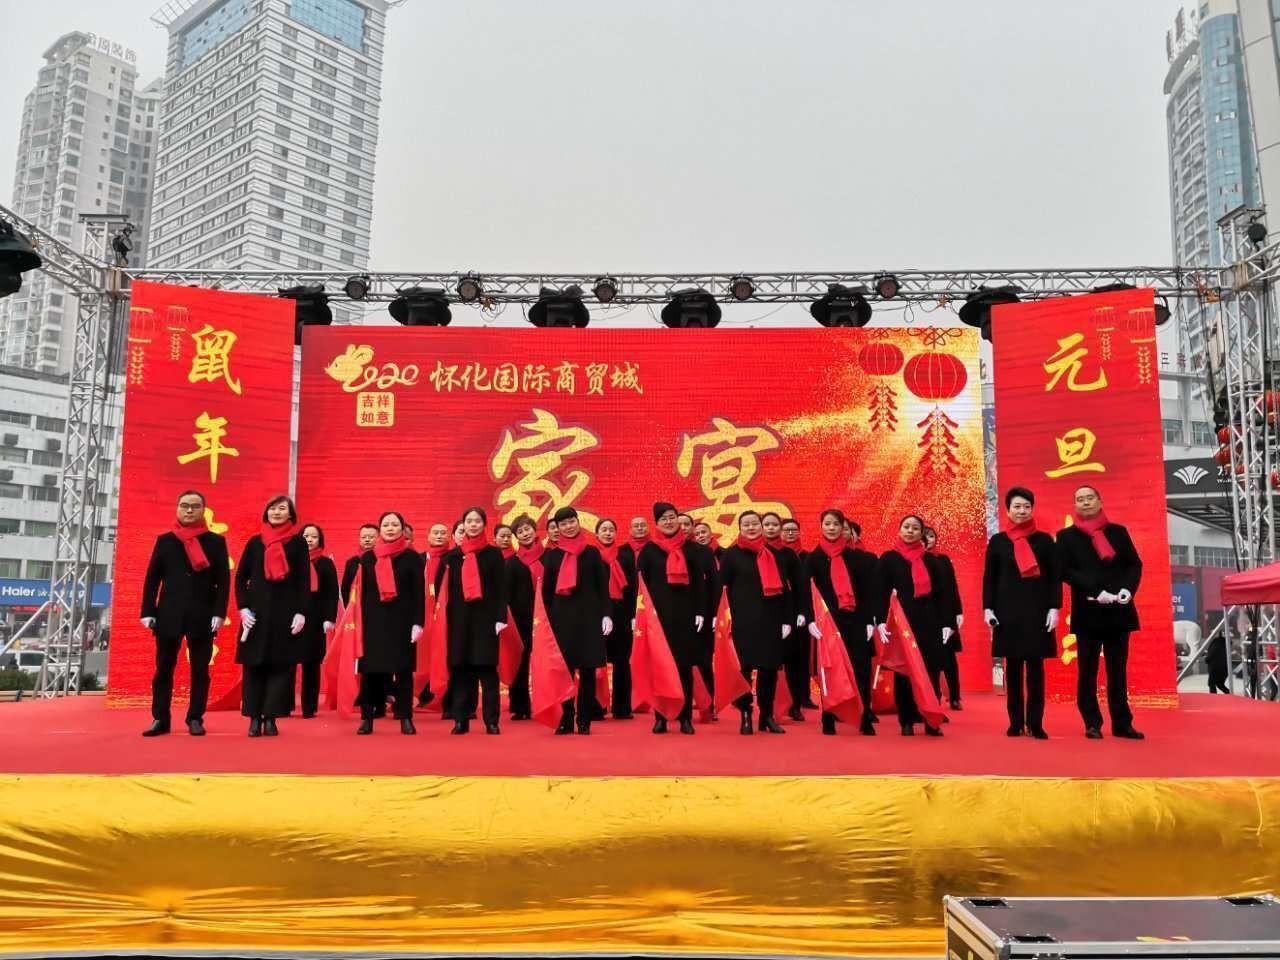 2019怀化国际商贸城跨年篝火晚会